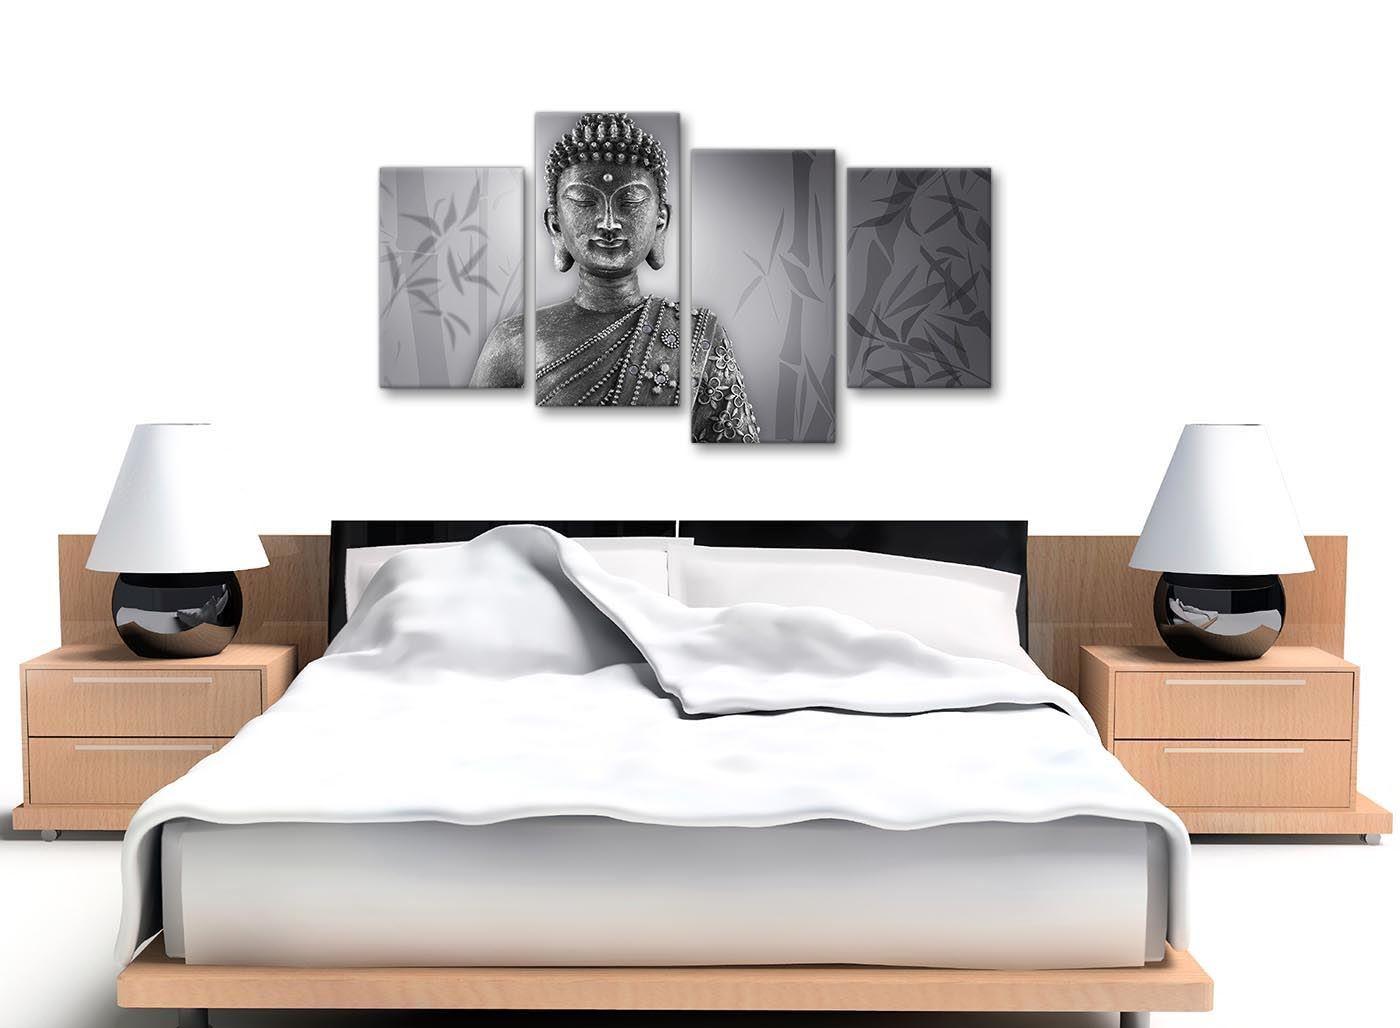 4373-130 Cm Lienzo Grande Negro Blanco Buda Dormitorio Decoración de fotos